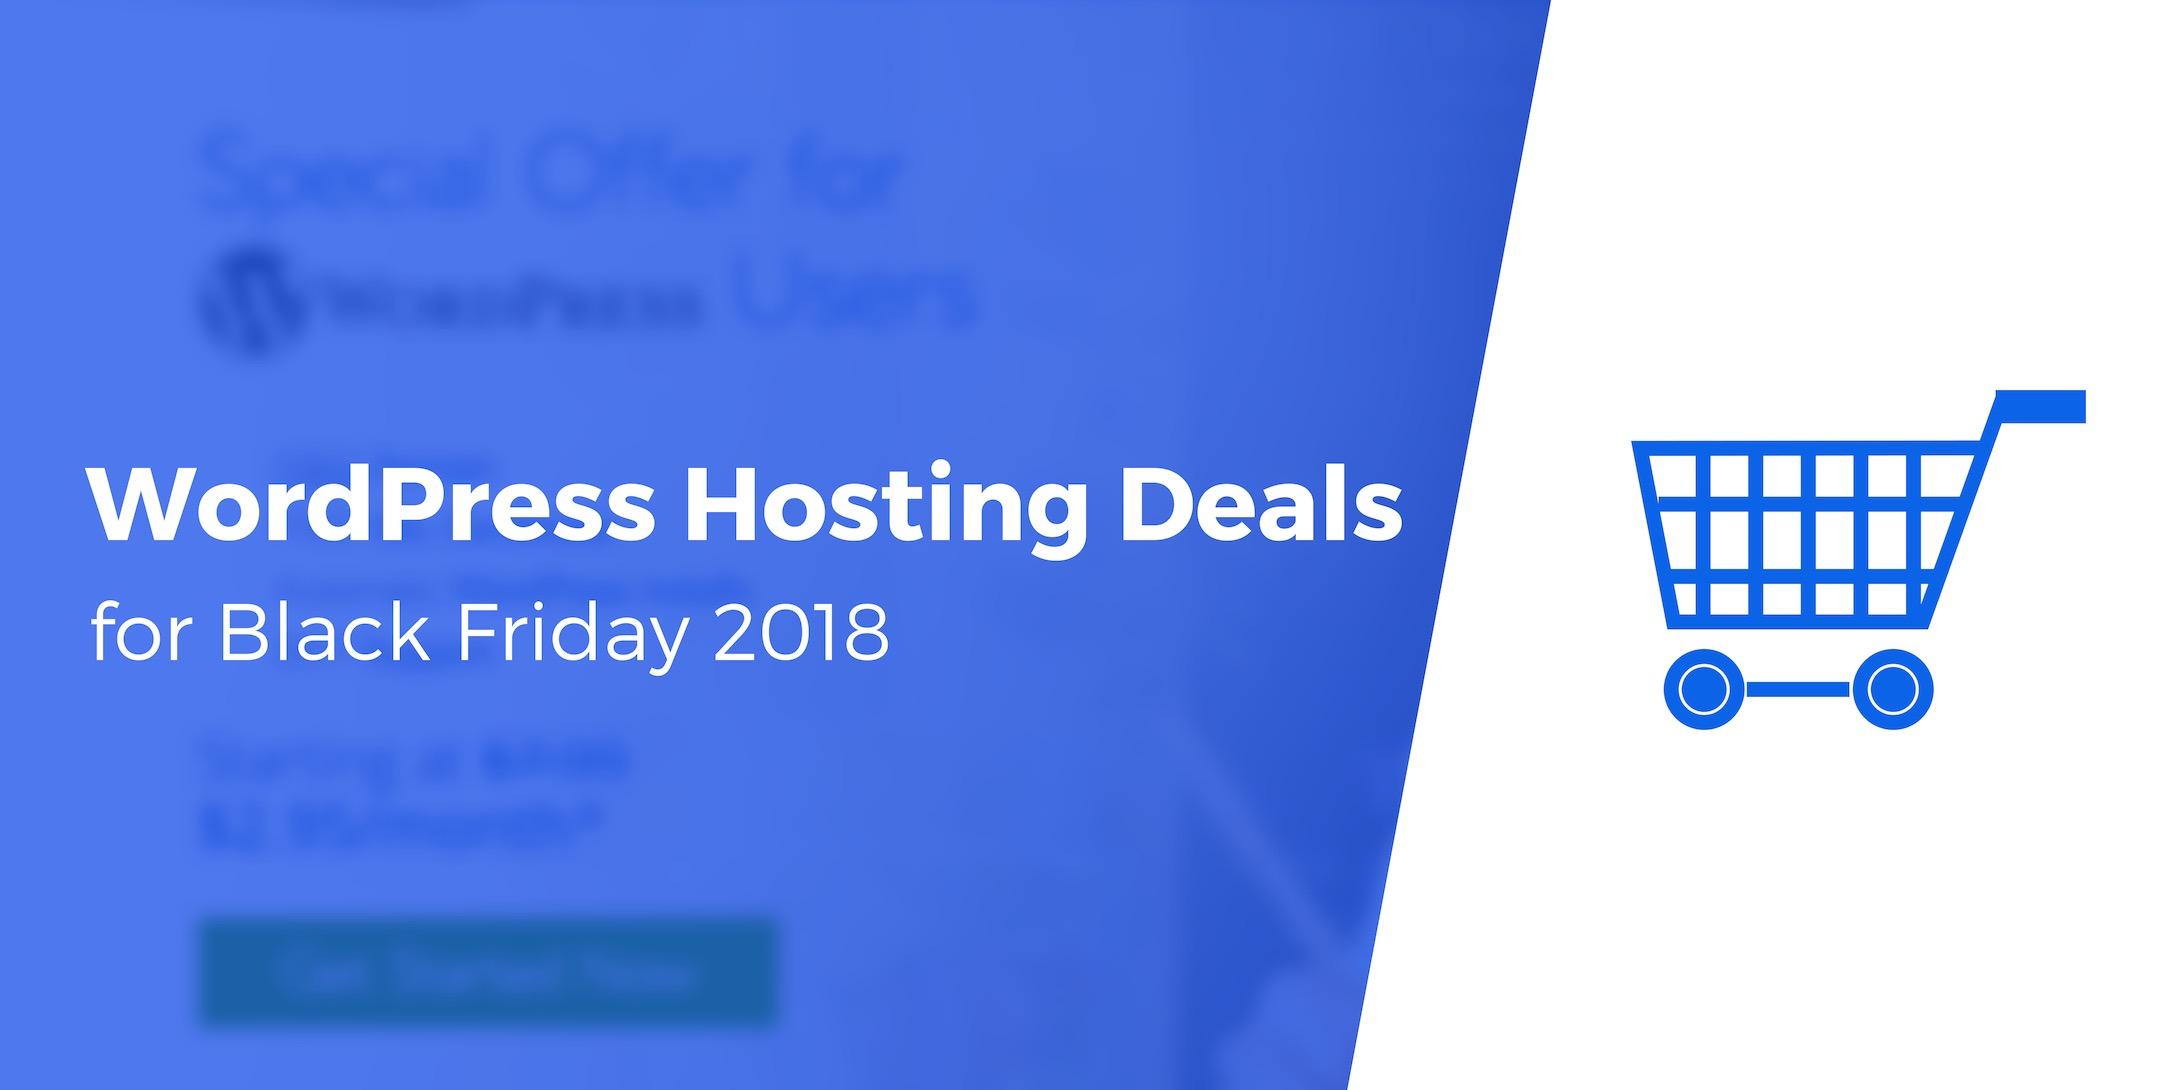 Best WordPress Hosting Deals for Black Friday 2018